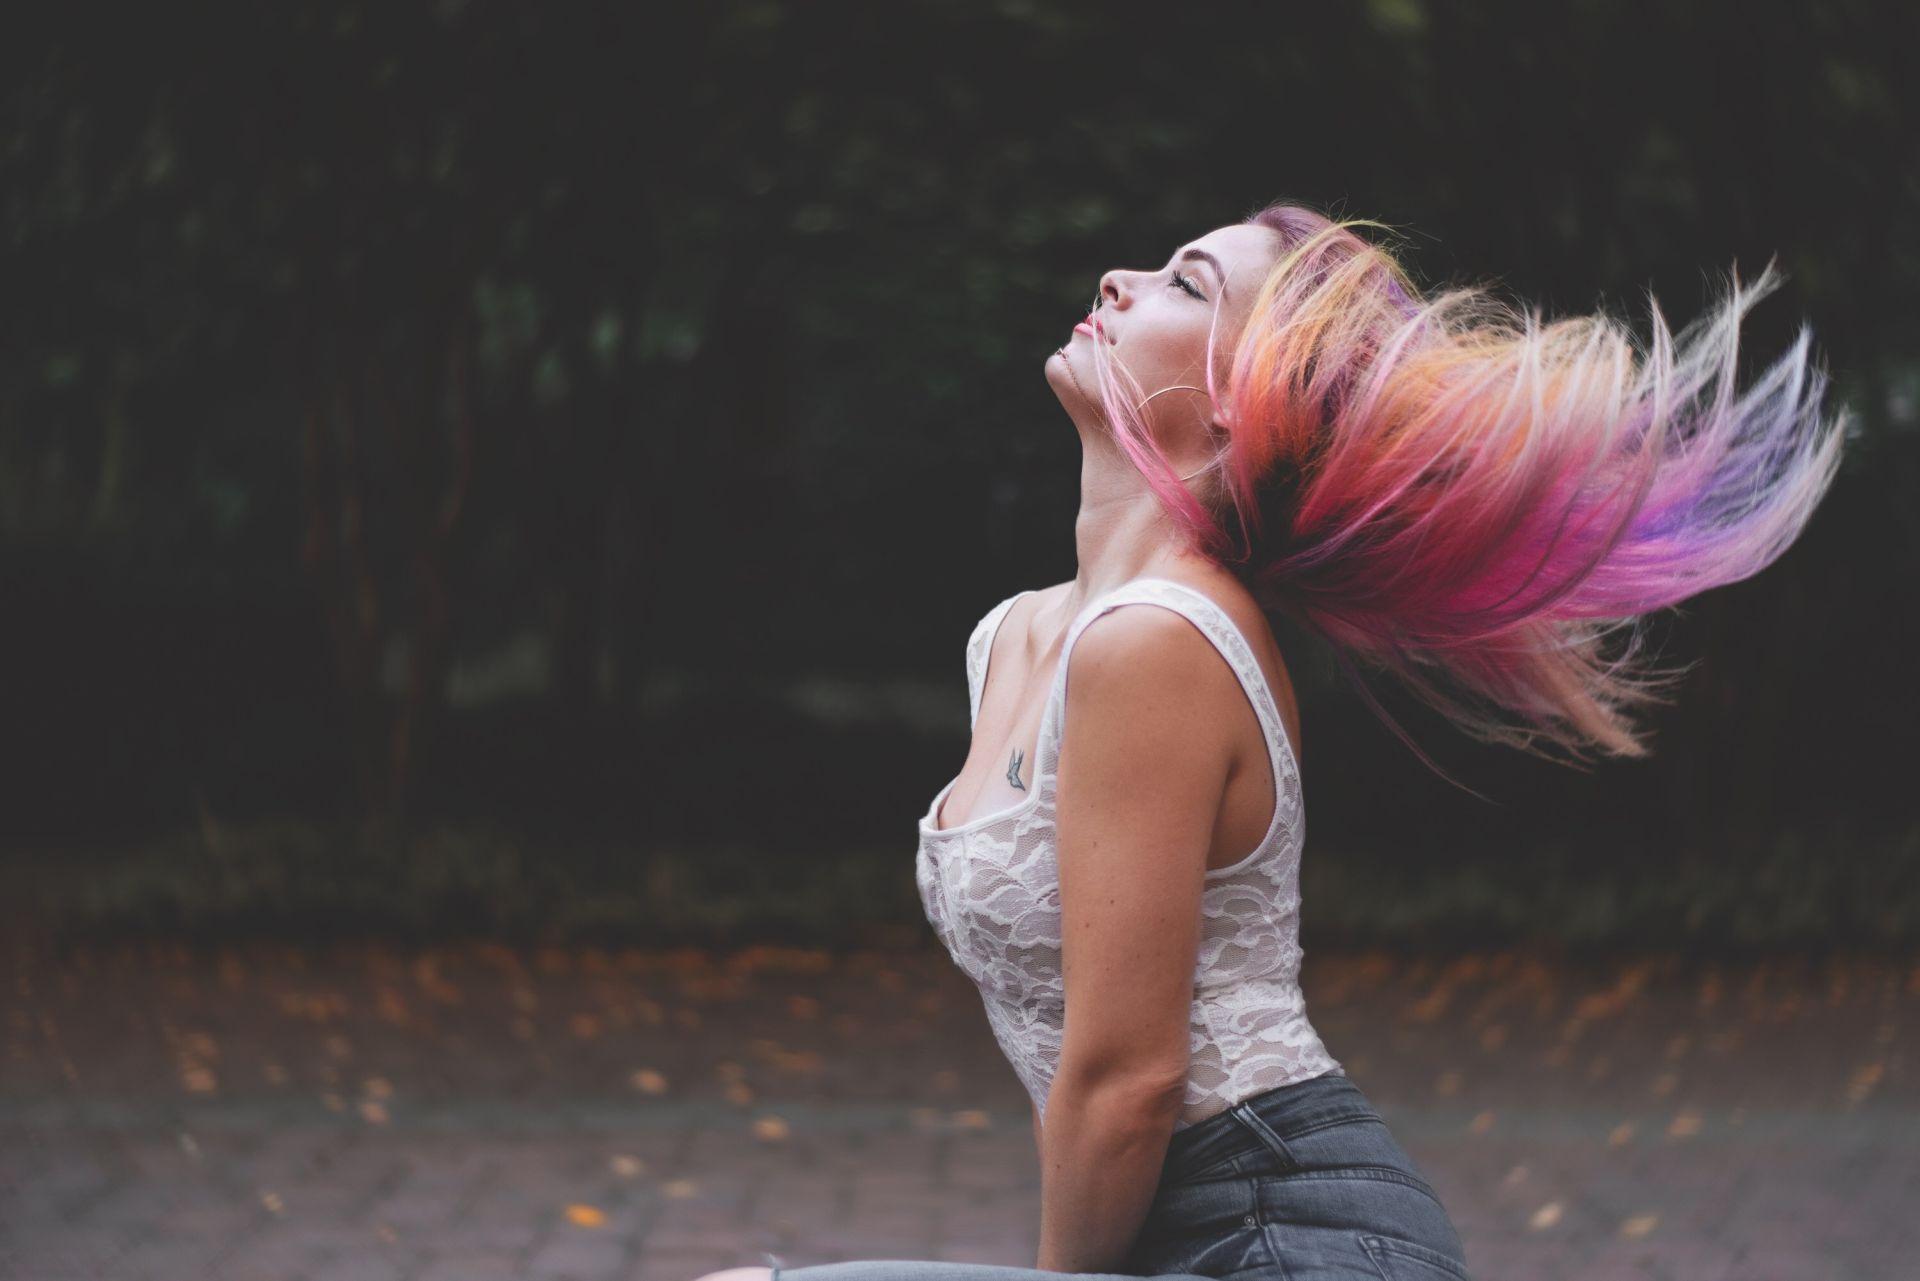 Rainbow in her hair